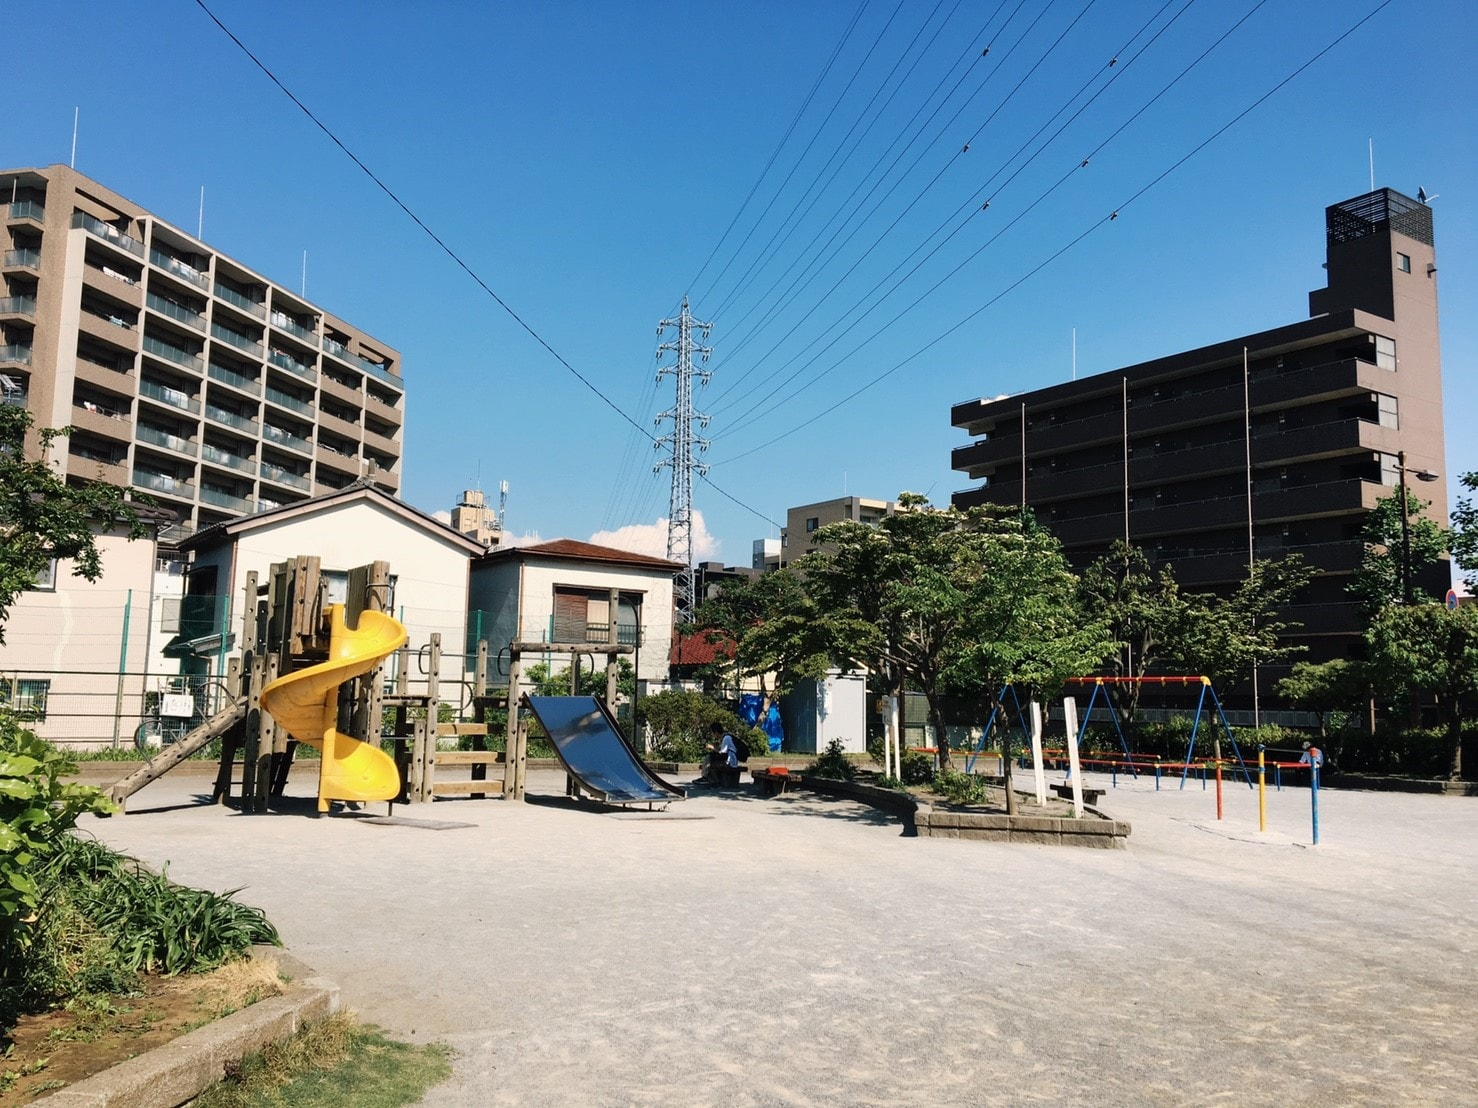 船橋駅周辺の住宅街